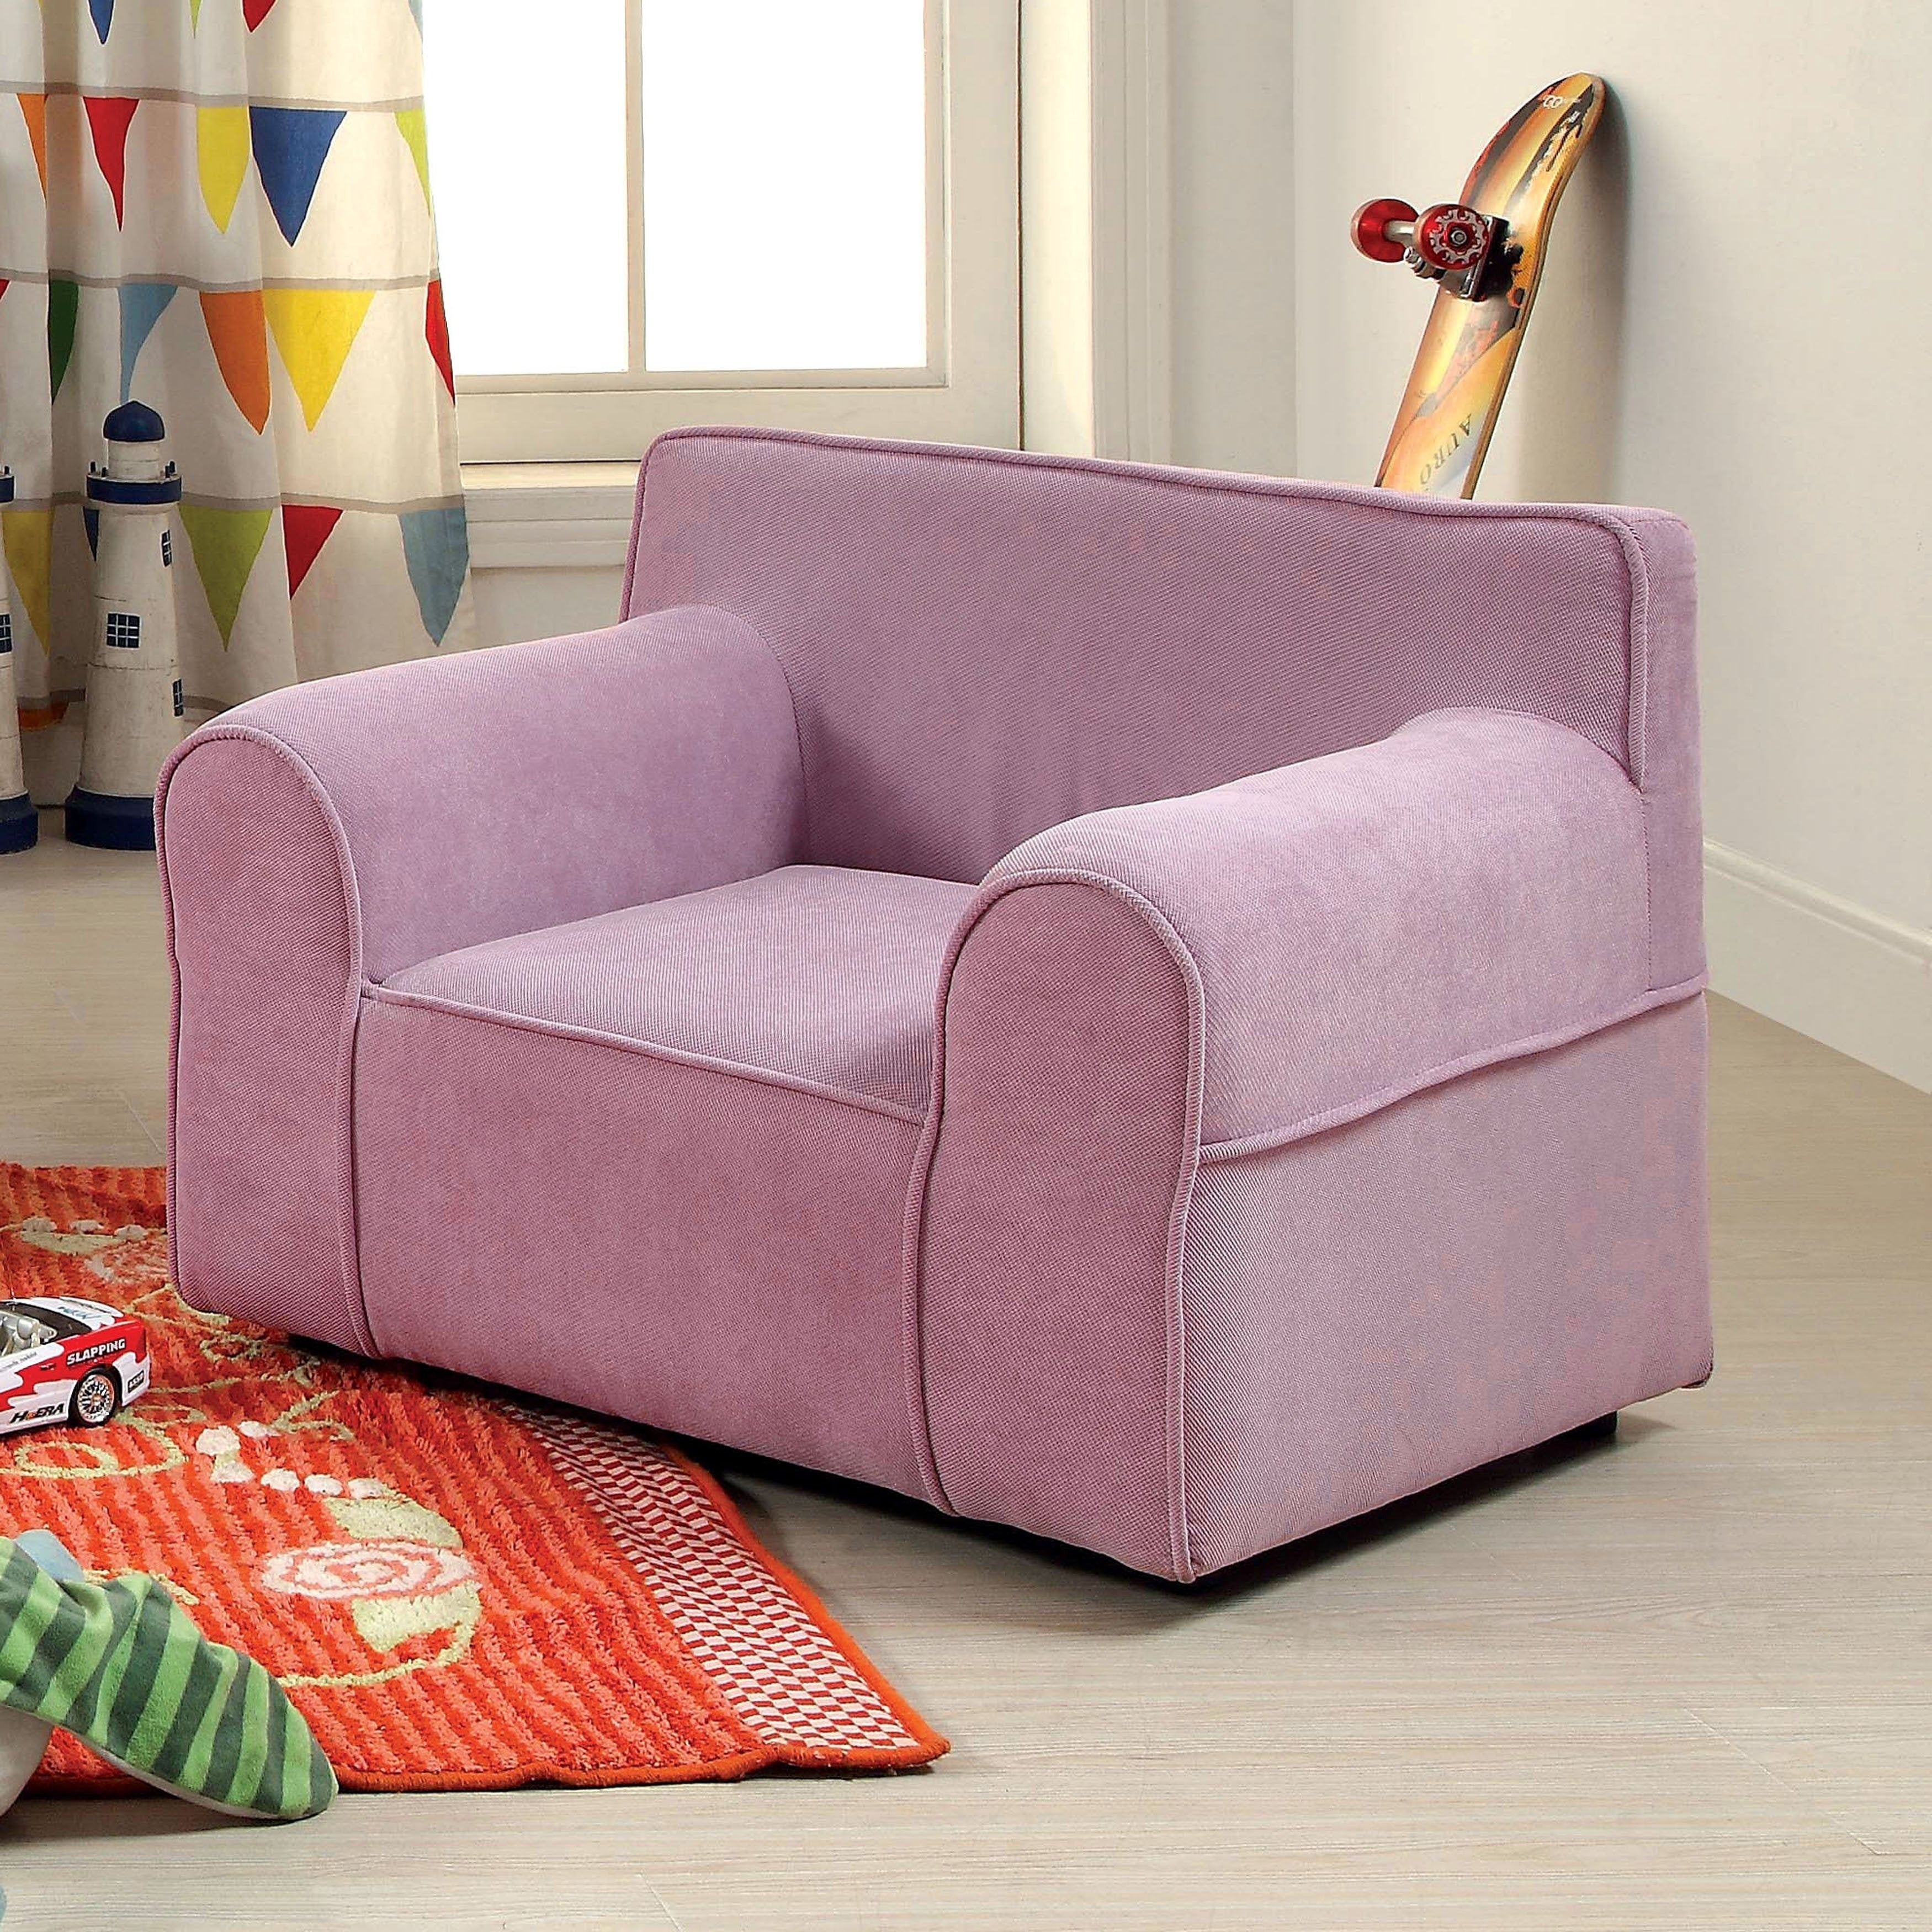 Groovy Marcie Modern Upholstered Kids Club Chair By Foa Creativecarmelina Interior Chair Design Creativecarmelinacom